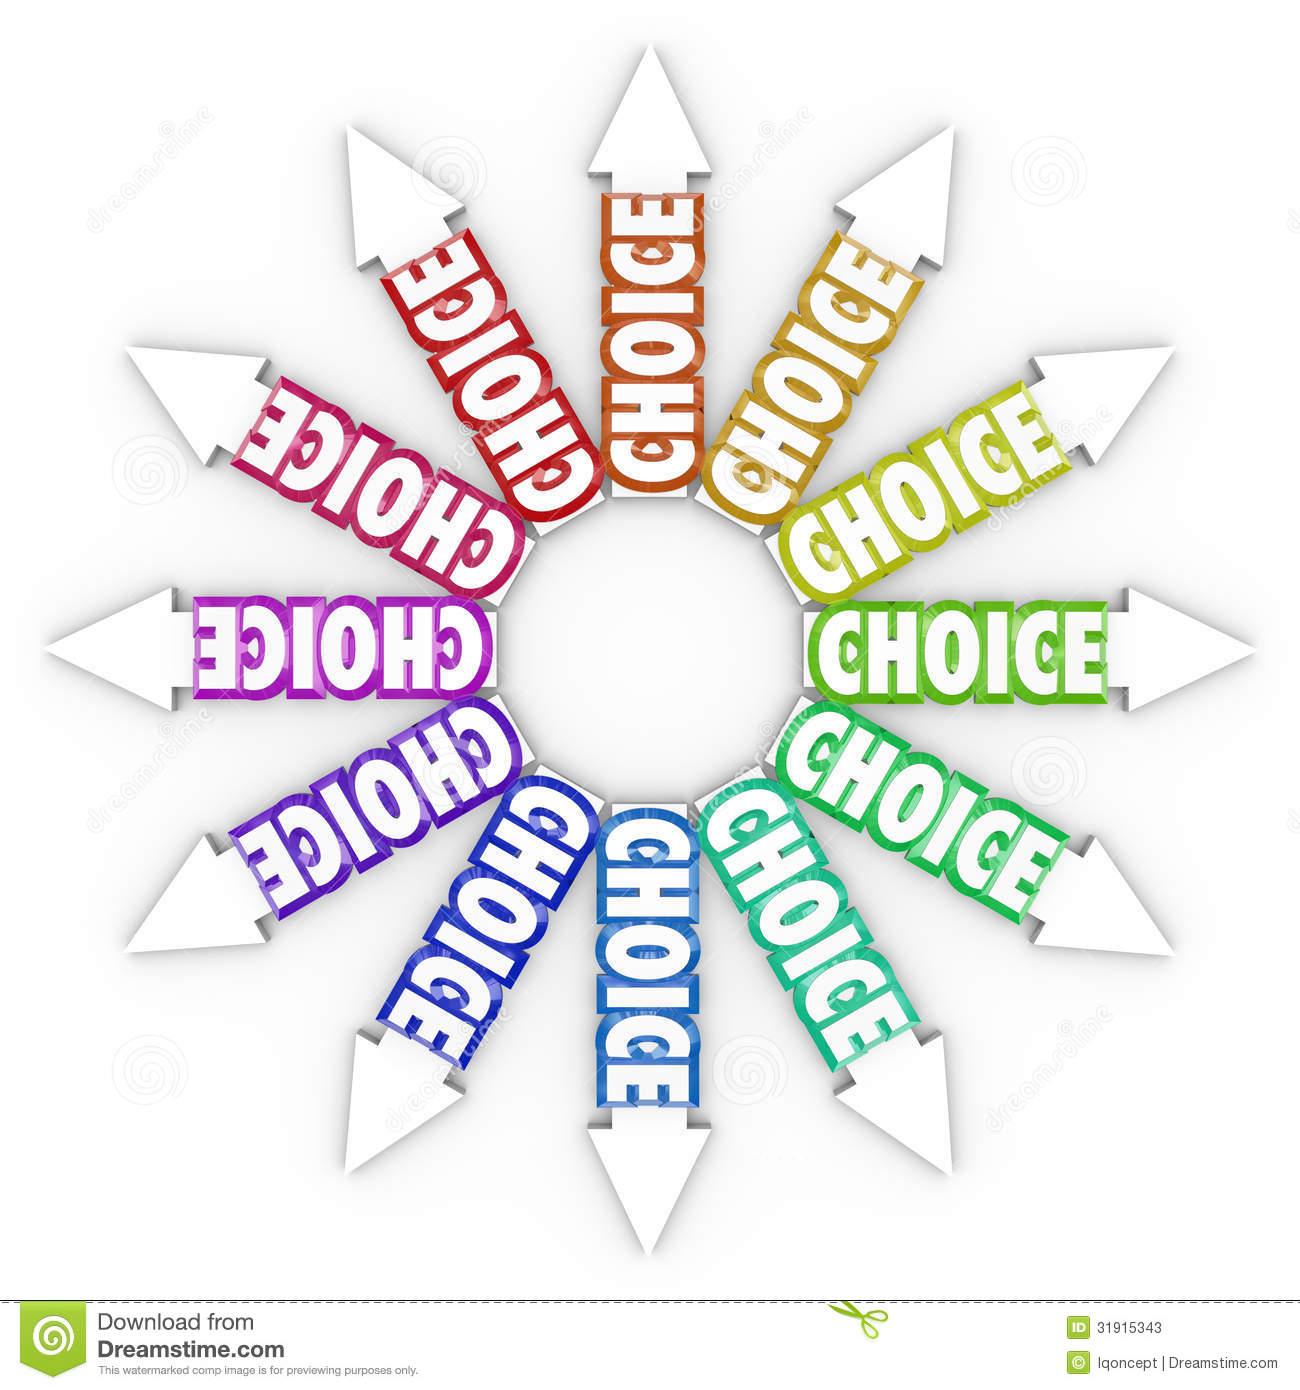 6 lời khuyên khi lựa chọn phần mềm quản lý